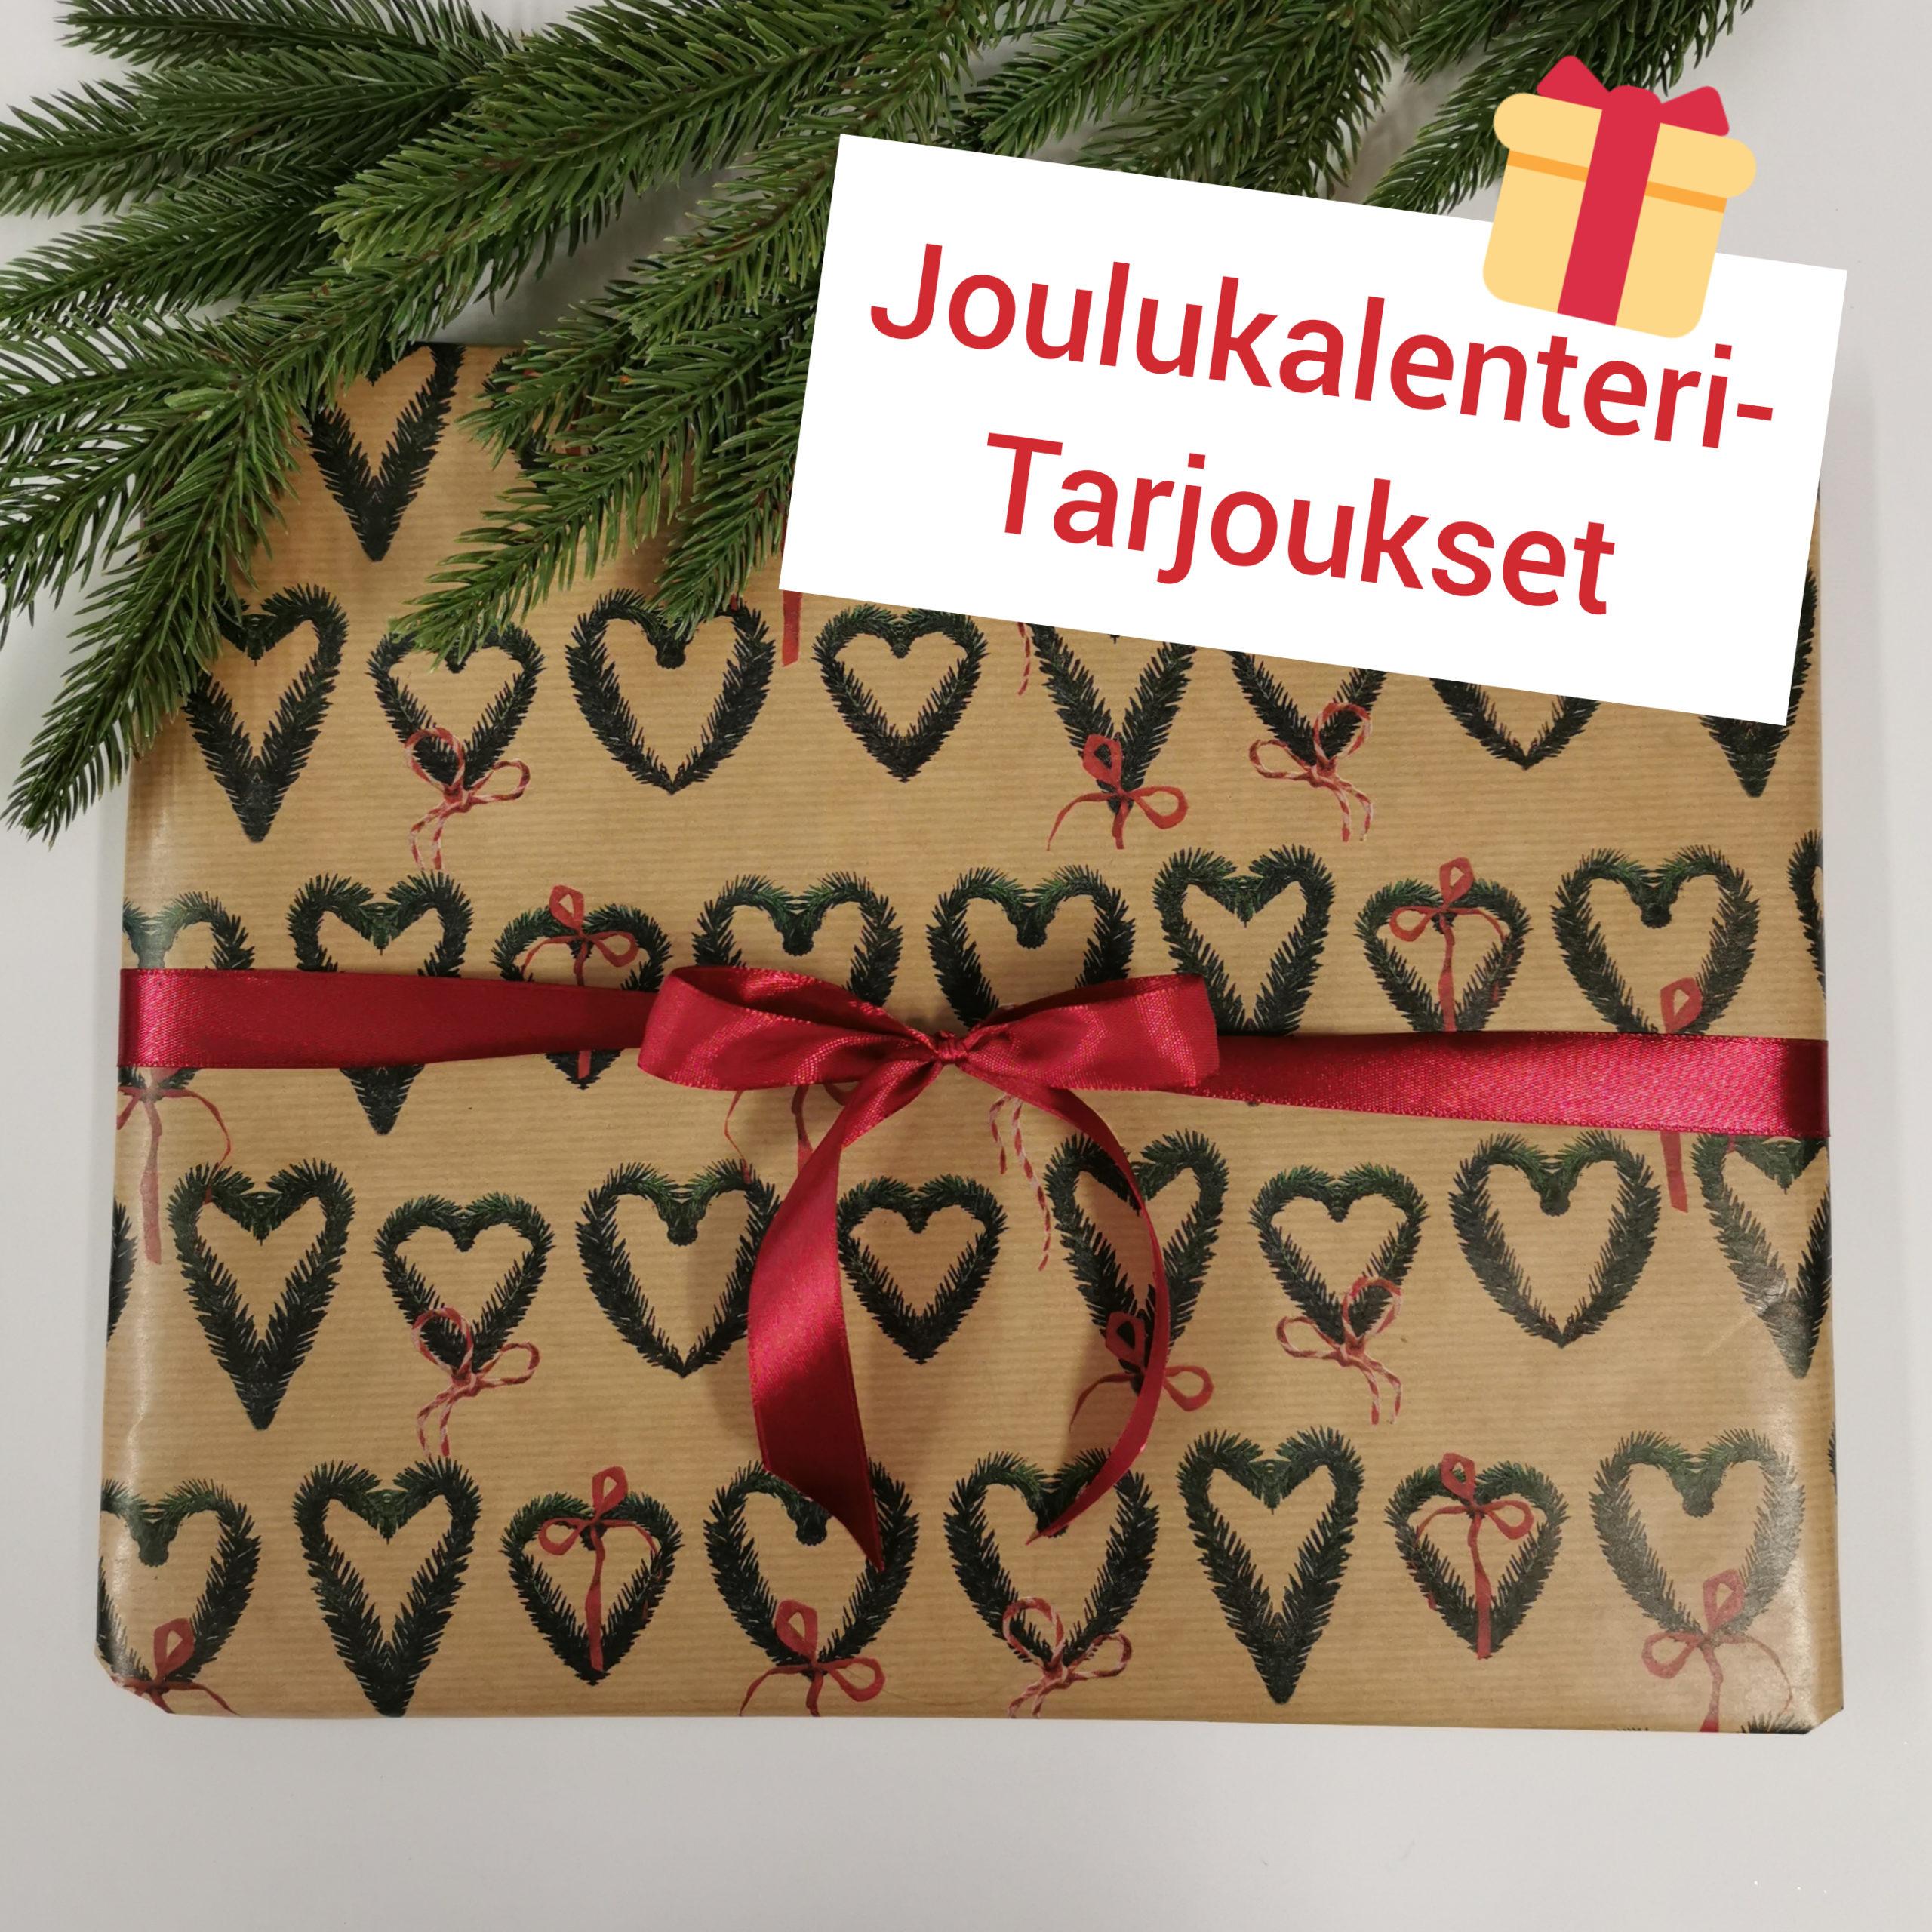 Joulukalenteritarjoukset